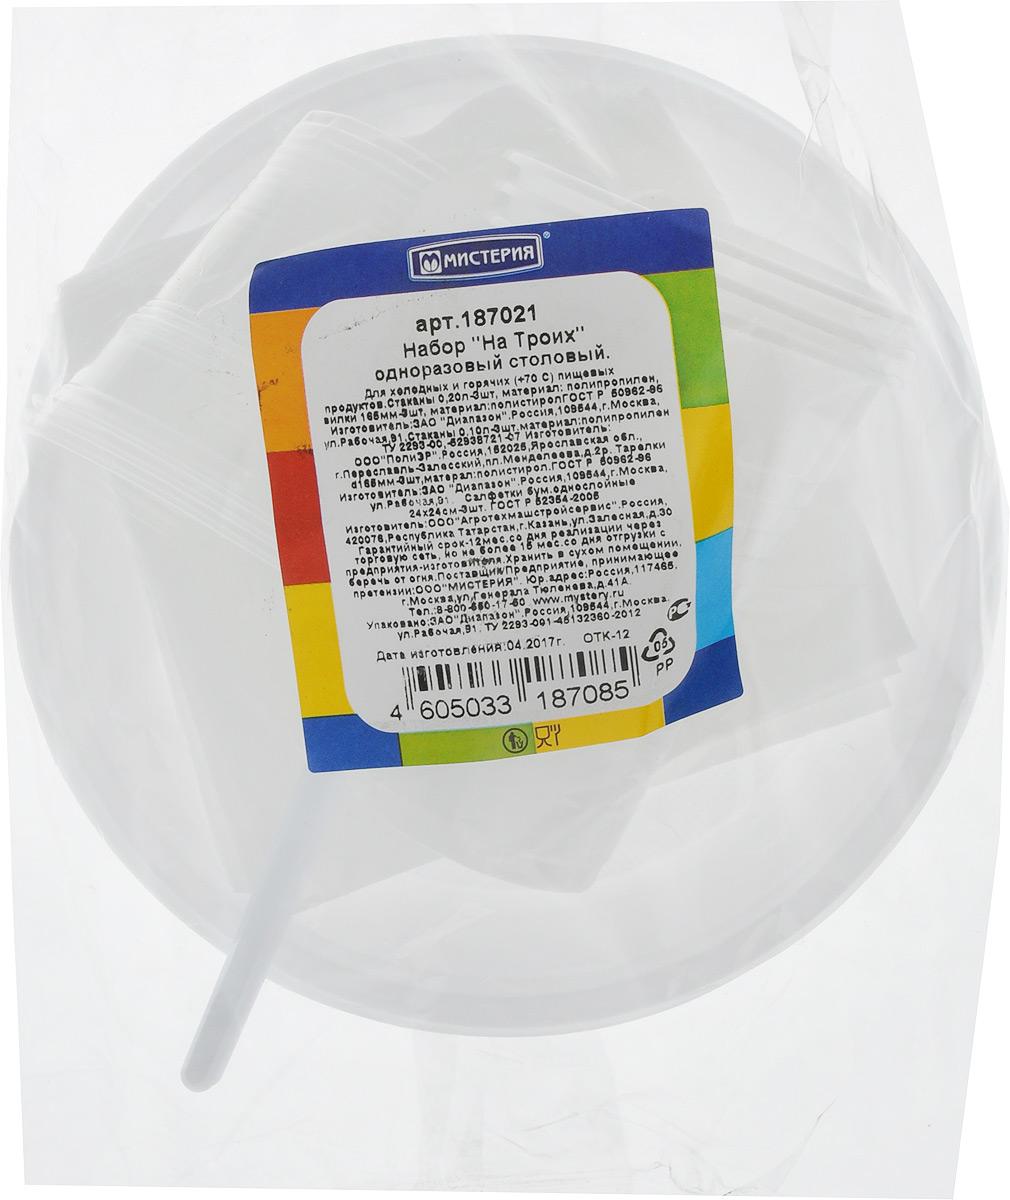 Набор одноразовой посуды Мистерия На троих, 15 предметовVT-1520(SR)Набор одноразовой посуды Мистерия На троих на 3 персоны включает 3 тарелки, 3 вилки, 3 больших стакана, 3 маленьких стакана и 3 салфетки. Посуда выполнена из пищевого пластика, предназначена для холодных и горячих (до +70°С) пищевых продуктов. Такой набор посуды отлично подойдет для отдыха на природе. В нем есть все необходимое для пикника. Он легкий и не занимает много места, а самое главное - после использования его не надо мыть. Объем большого стакана: 200 мл. Диаметр большого стакана (по верхнему краю): 7 см. Высота большого стакана: 9,5 см. Объем маленького стакана: 100 мл. Диаметр маленького стакана (по верхнему краю): 6,5 см. Высота маленького стакана: 6,5 см. Диаметр тарелки: 16,5 см. Длина вилки: 16,5 см. Размер салфетки: 24 х 24 см.